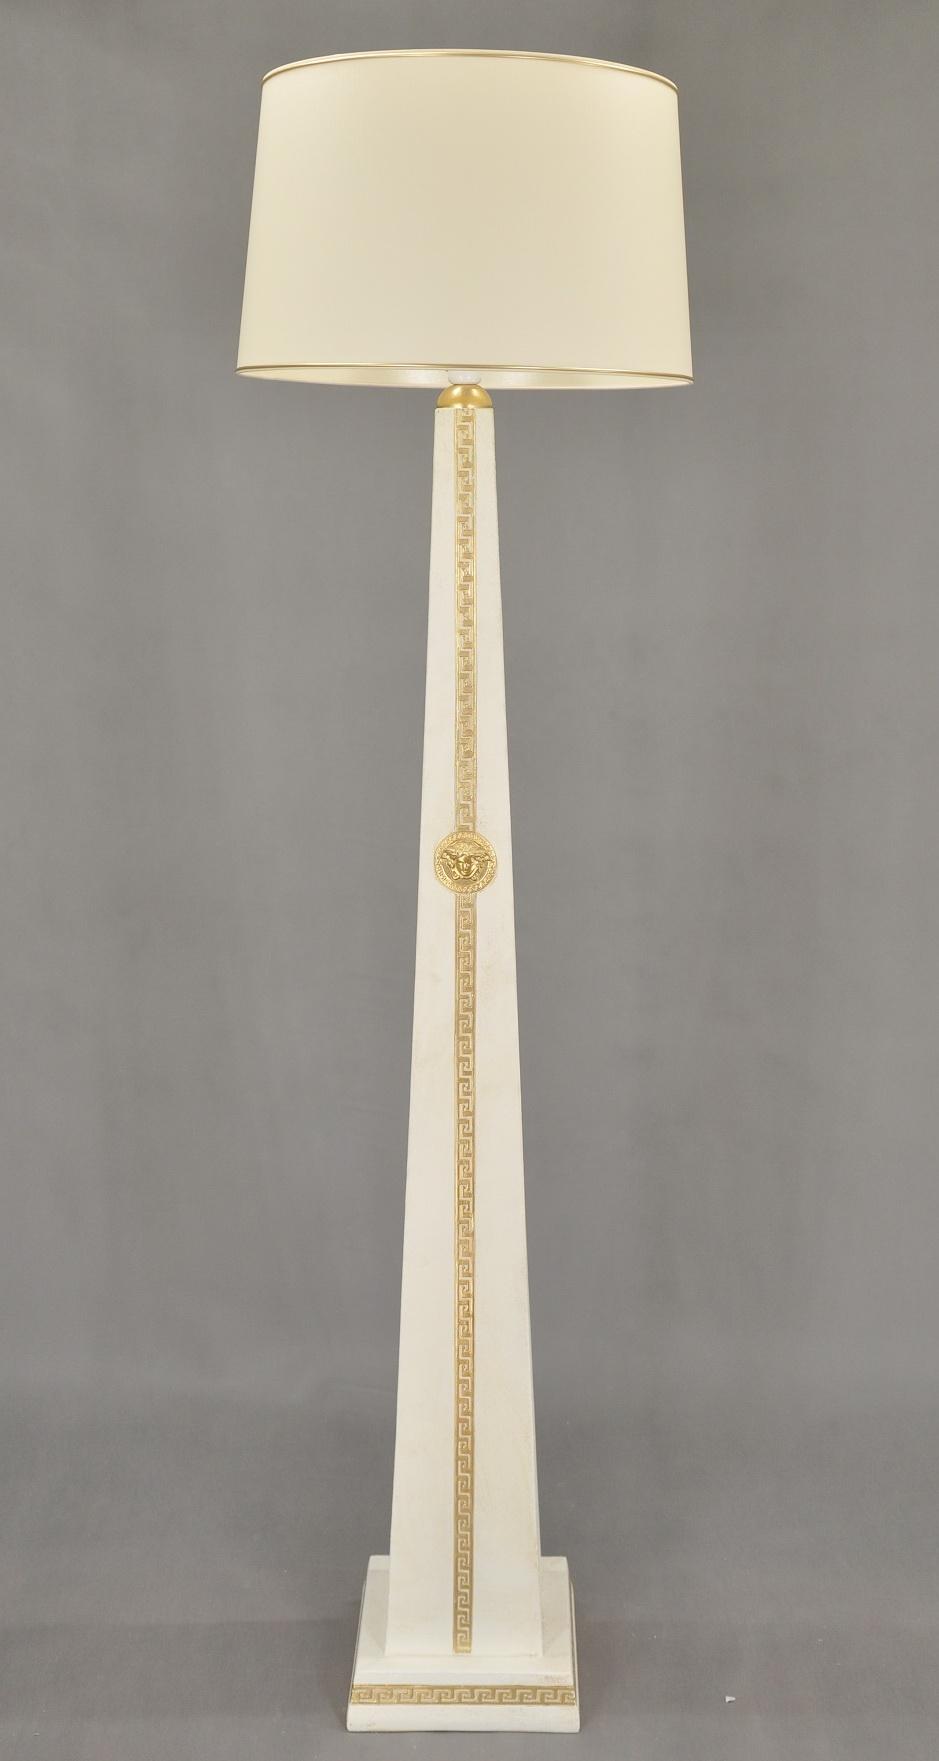 Lampa vysoká / styl Versace / 187 cm Zakázková výroba